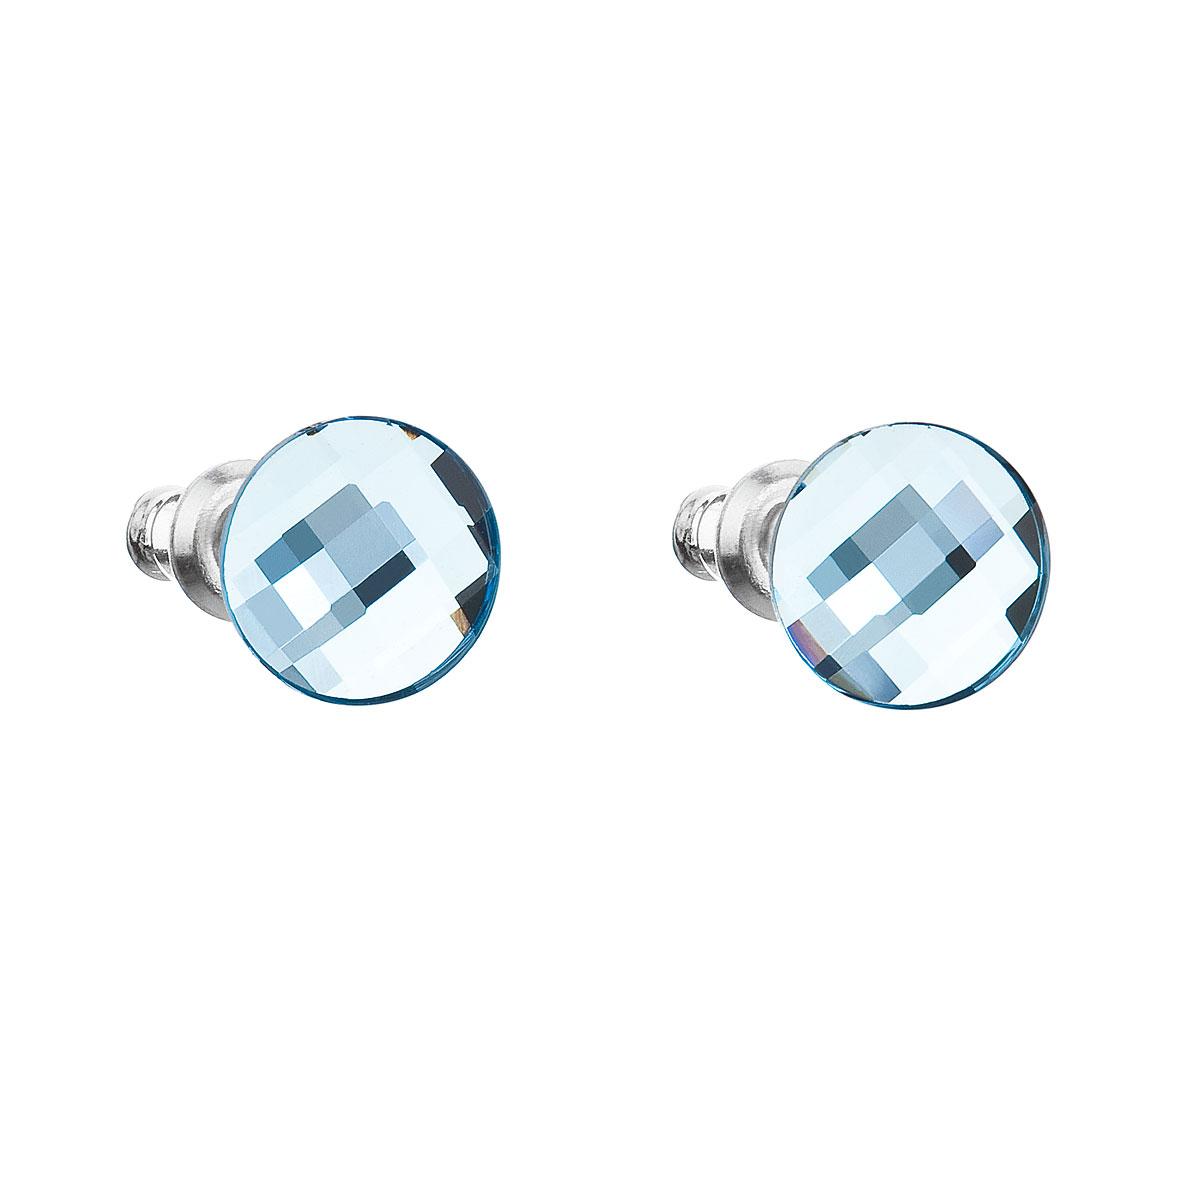 Náušnice bižuterie se Swarovski krystaly modré kulaté 56008.3 aqua